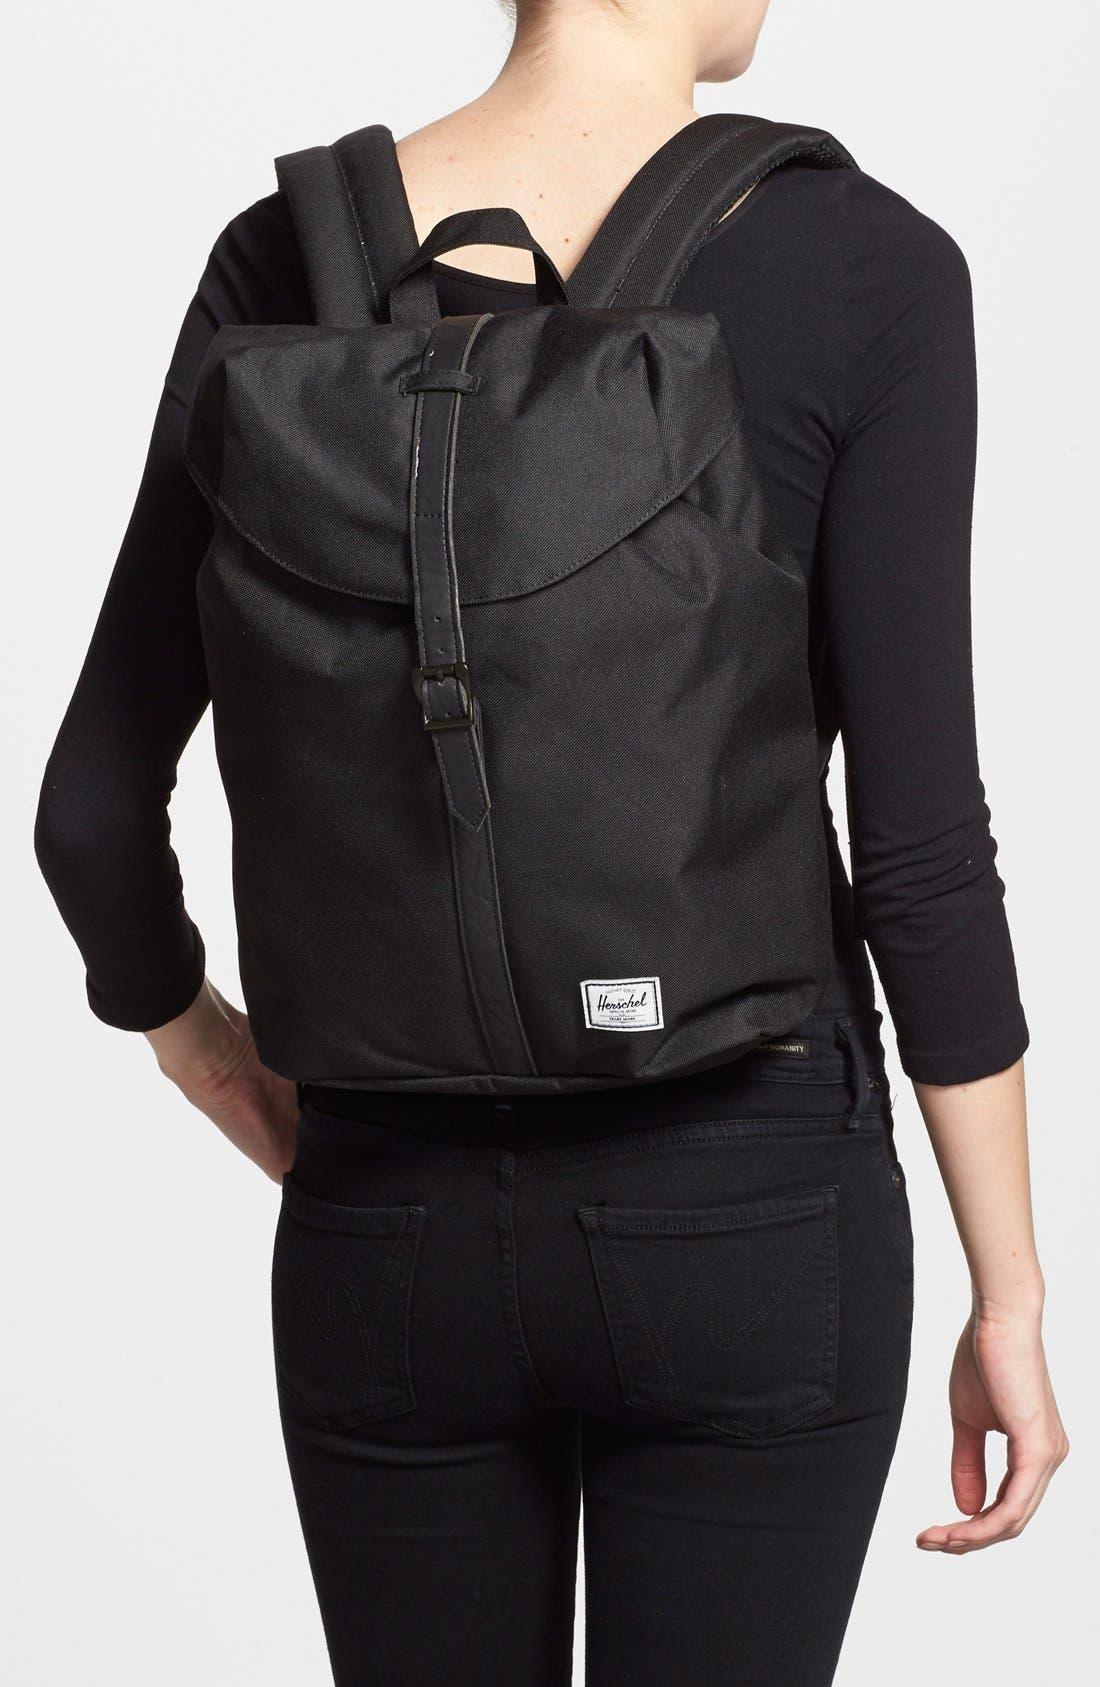 Alternate Image 2  - Herschel Supply Co. 'Post' Backpack (Nordstrom Exclusive)